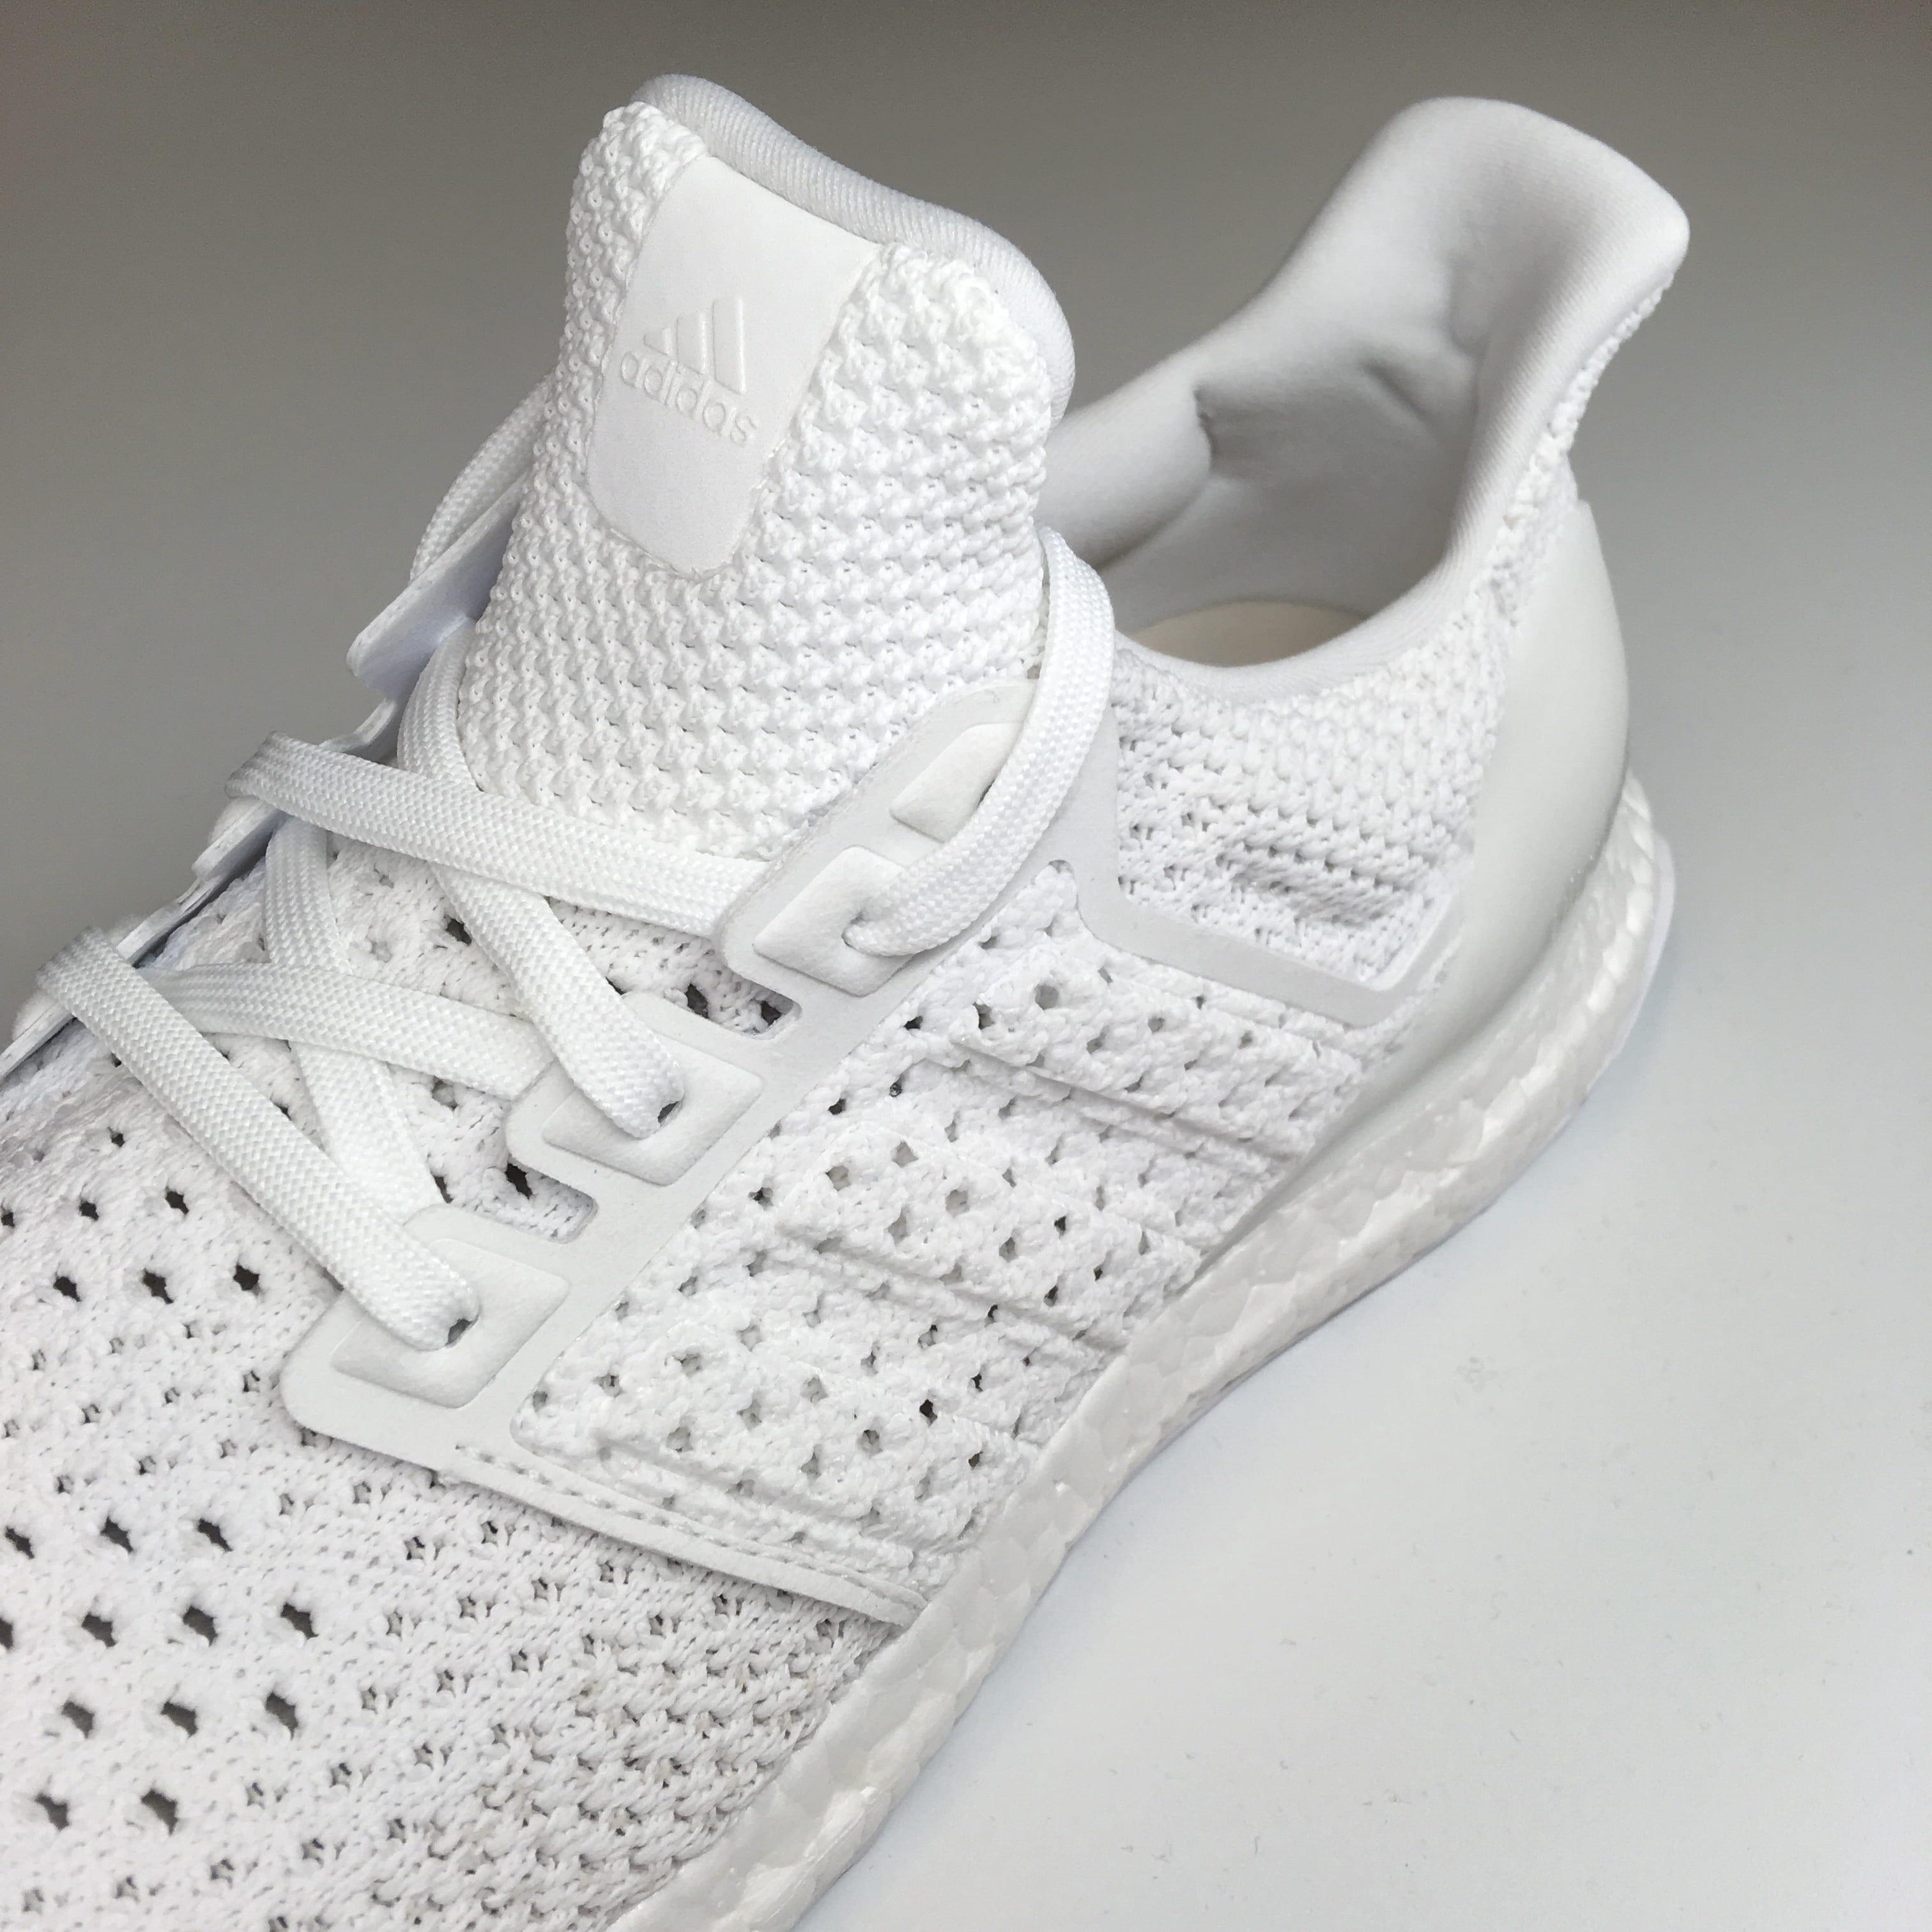 f07f8c54413a7 adidas UltraBOOST CLIMA 220€